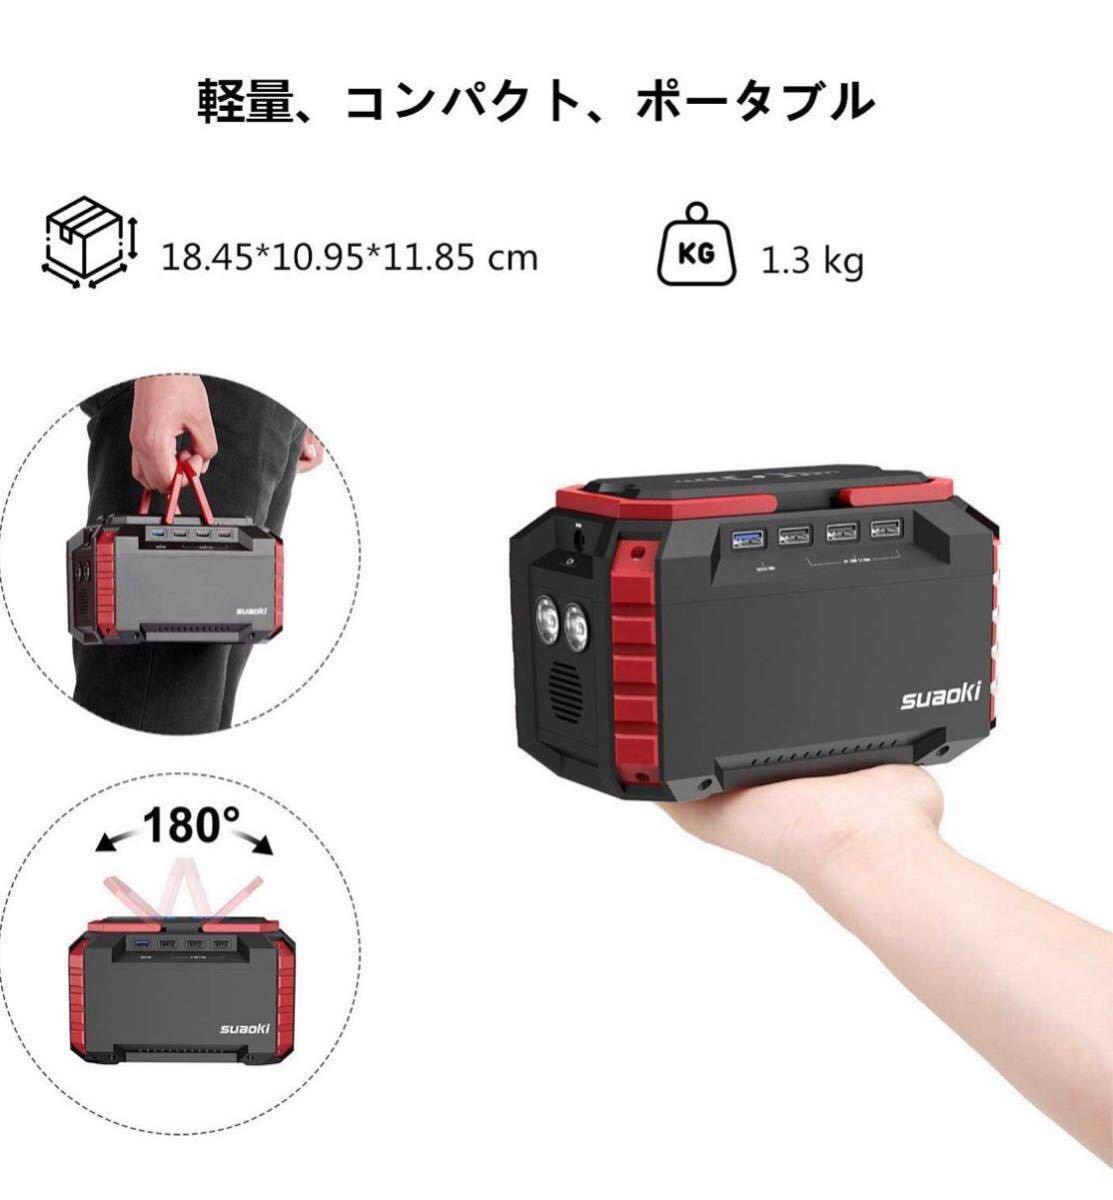 ♪ 新品未開封 suaoki ポータブル電源 S270 150W 家庭用蓄電池 USB出力 急速充電QC3.0 キャンプ 釣り アウトドア 防災グッズ 非常用電源 _画像4